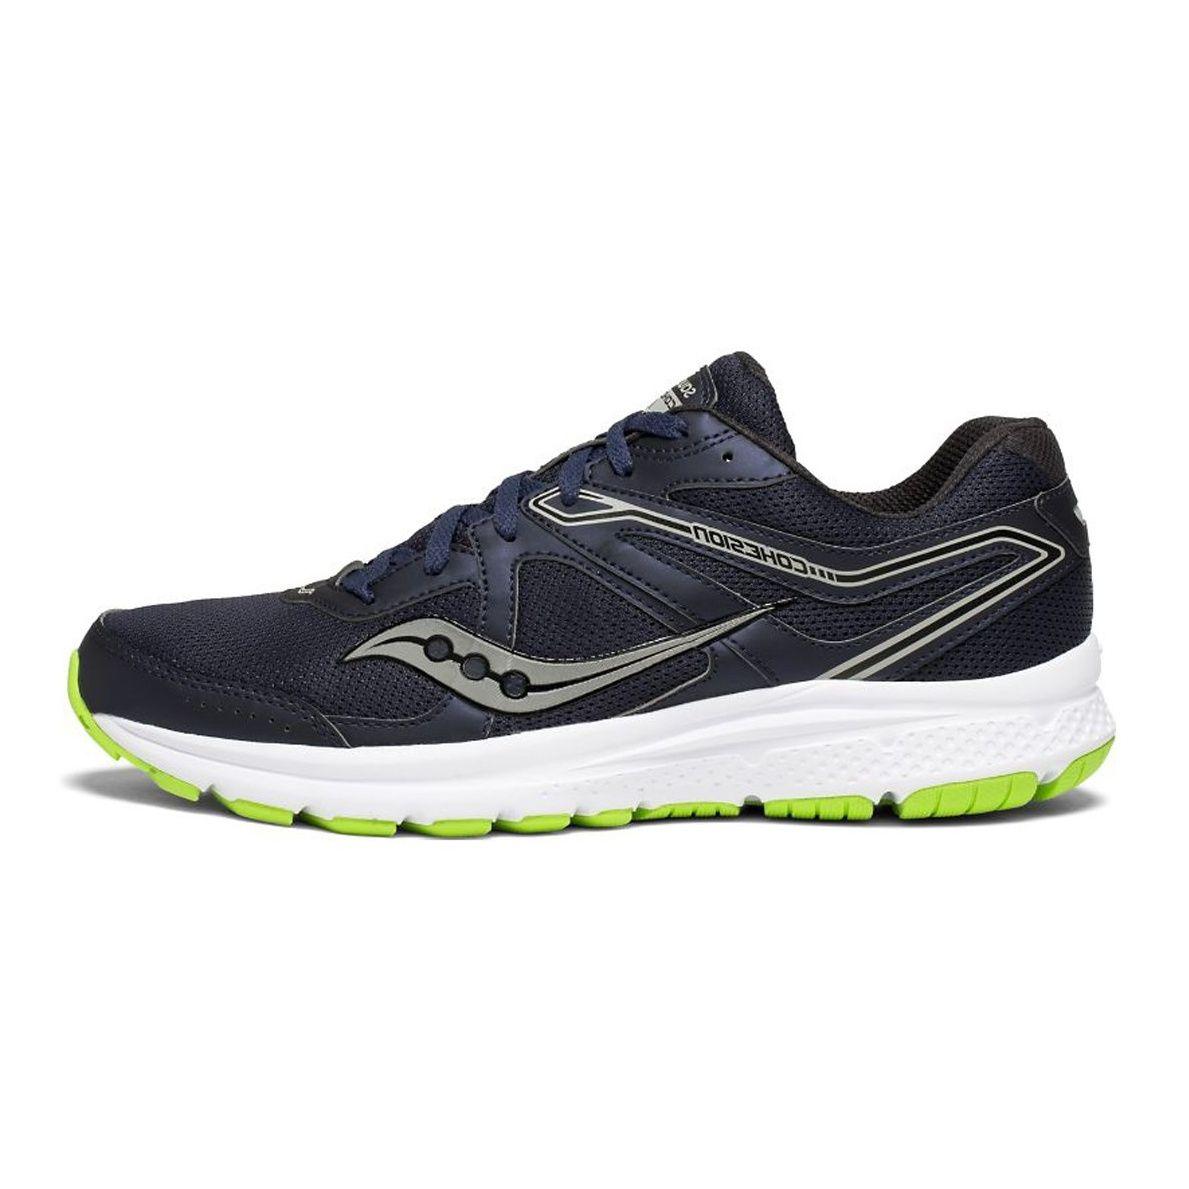 کفش مخصوص دویدن مردانه ساکنی مدل GRID COHESION 11 کد S20420-1 -  - 1